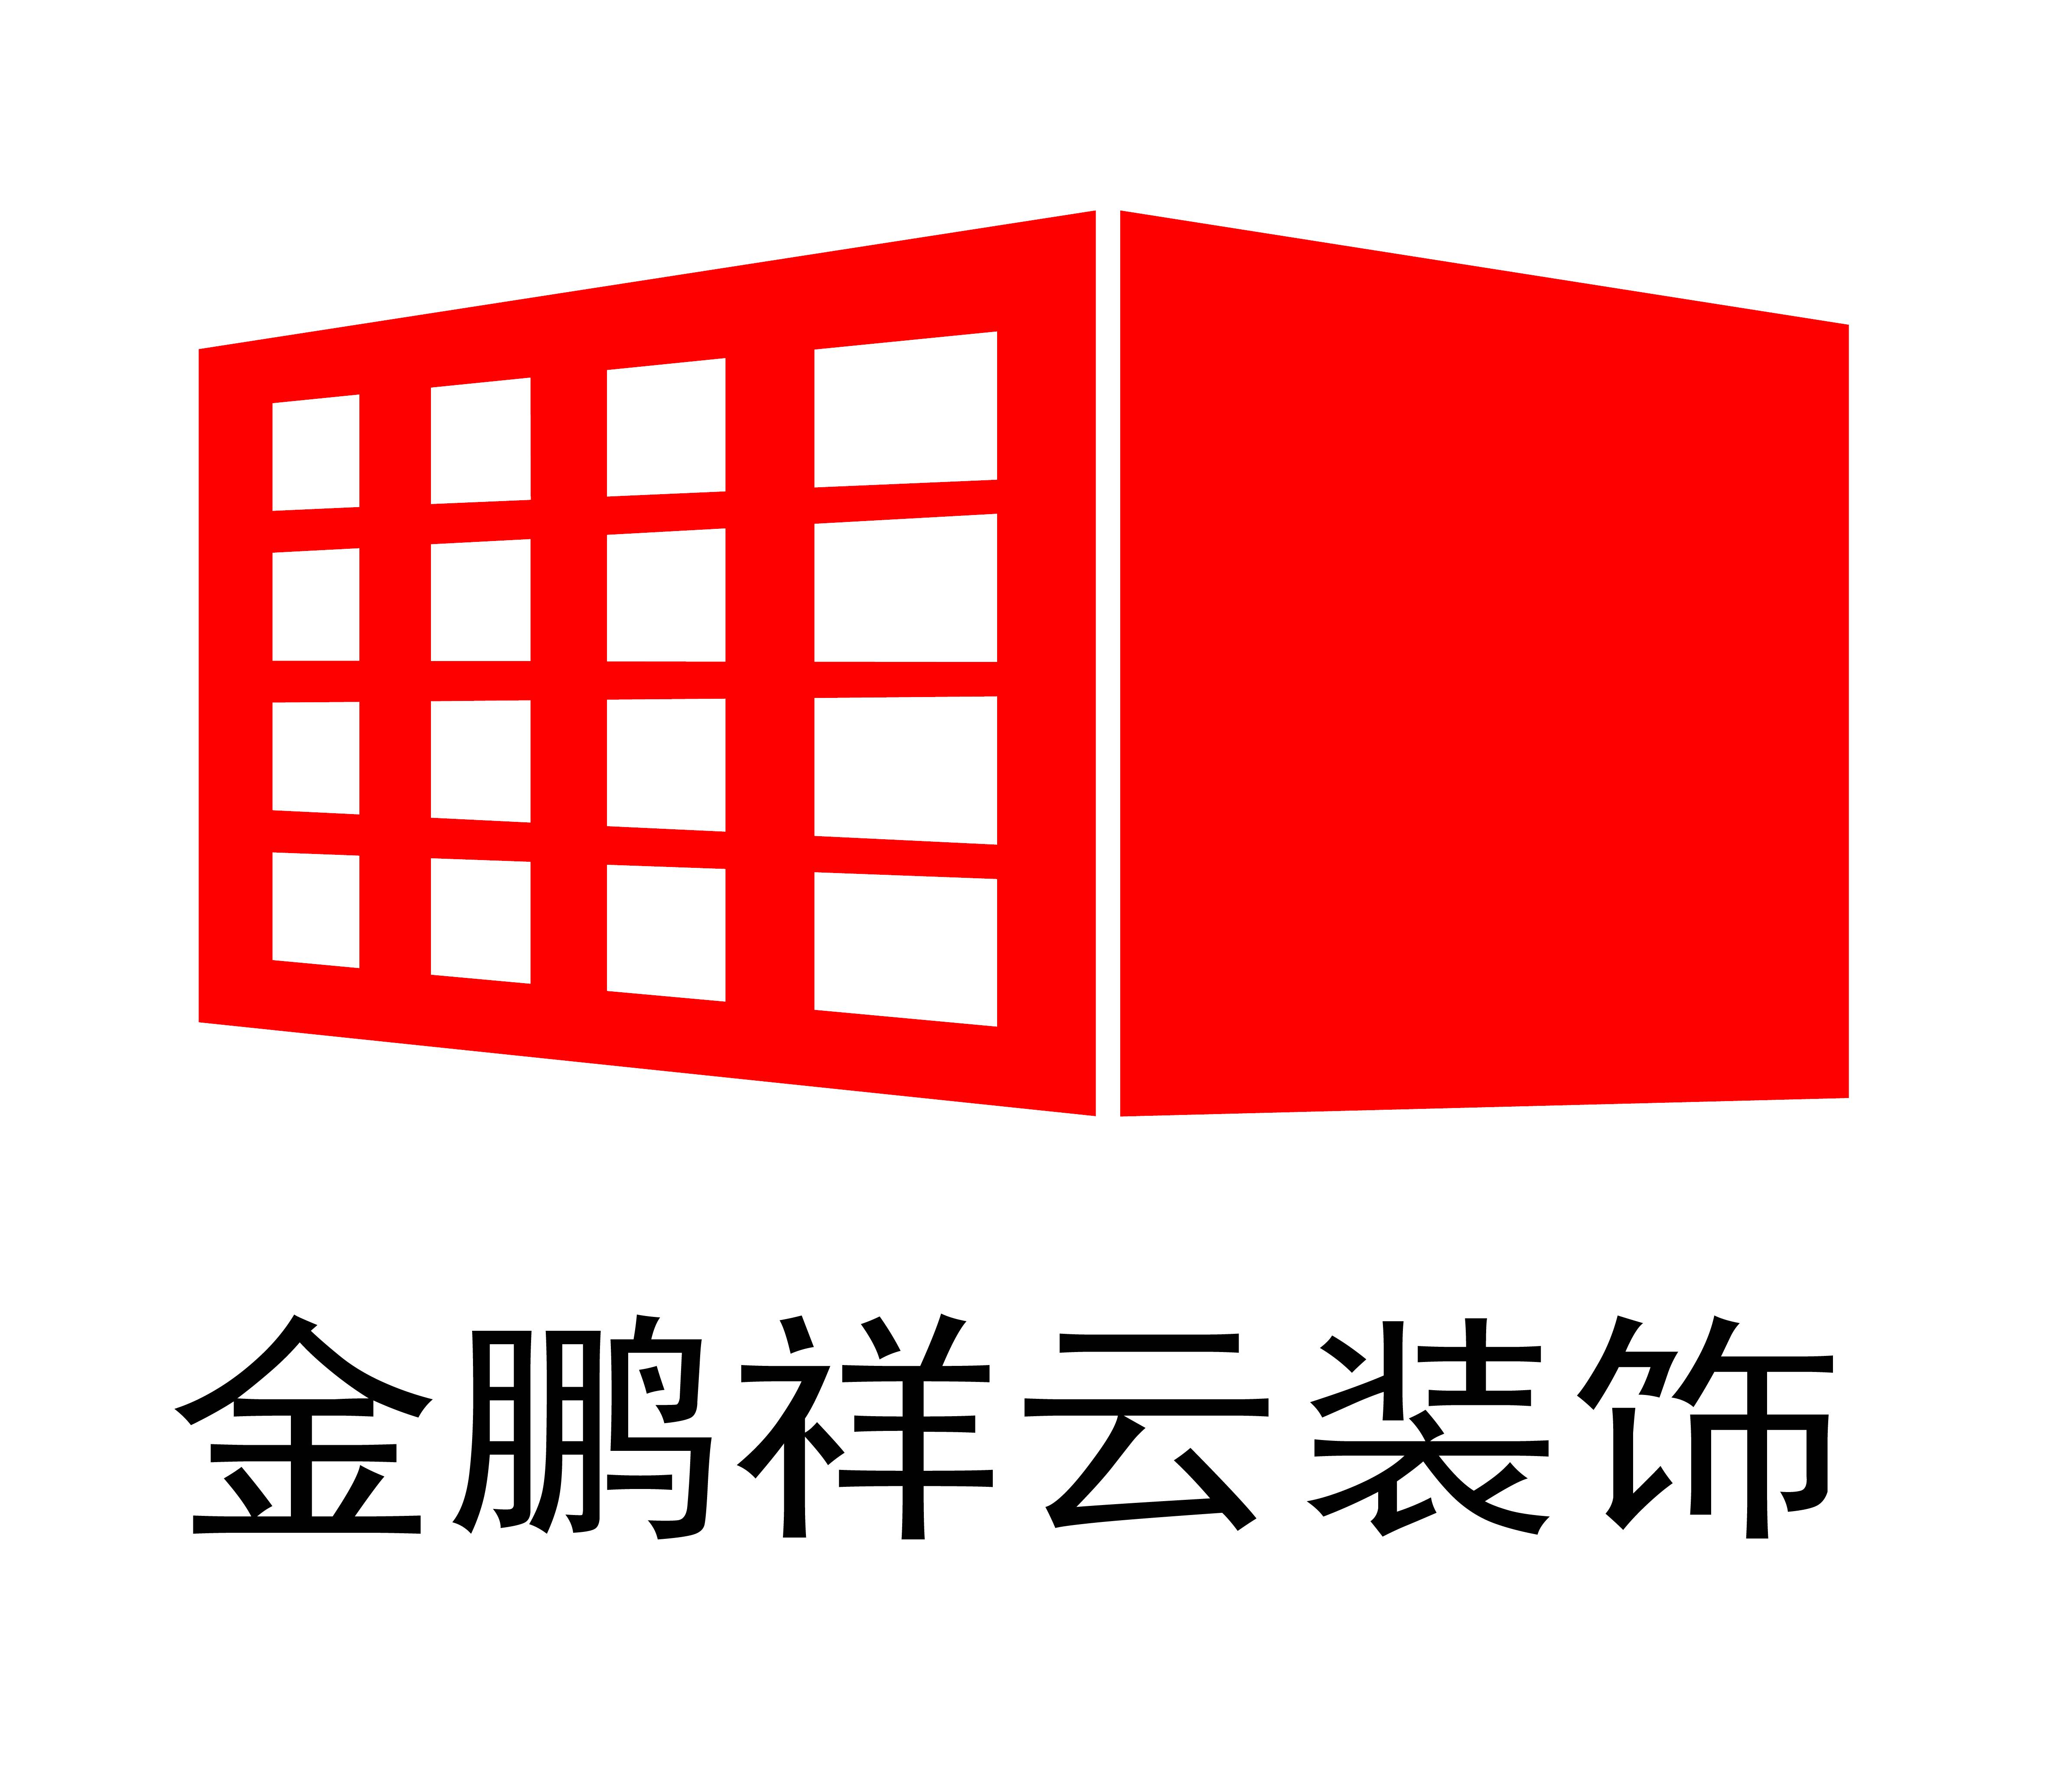 北京金鹏祥云建筑工程有限公司